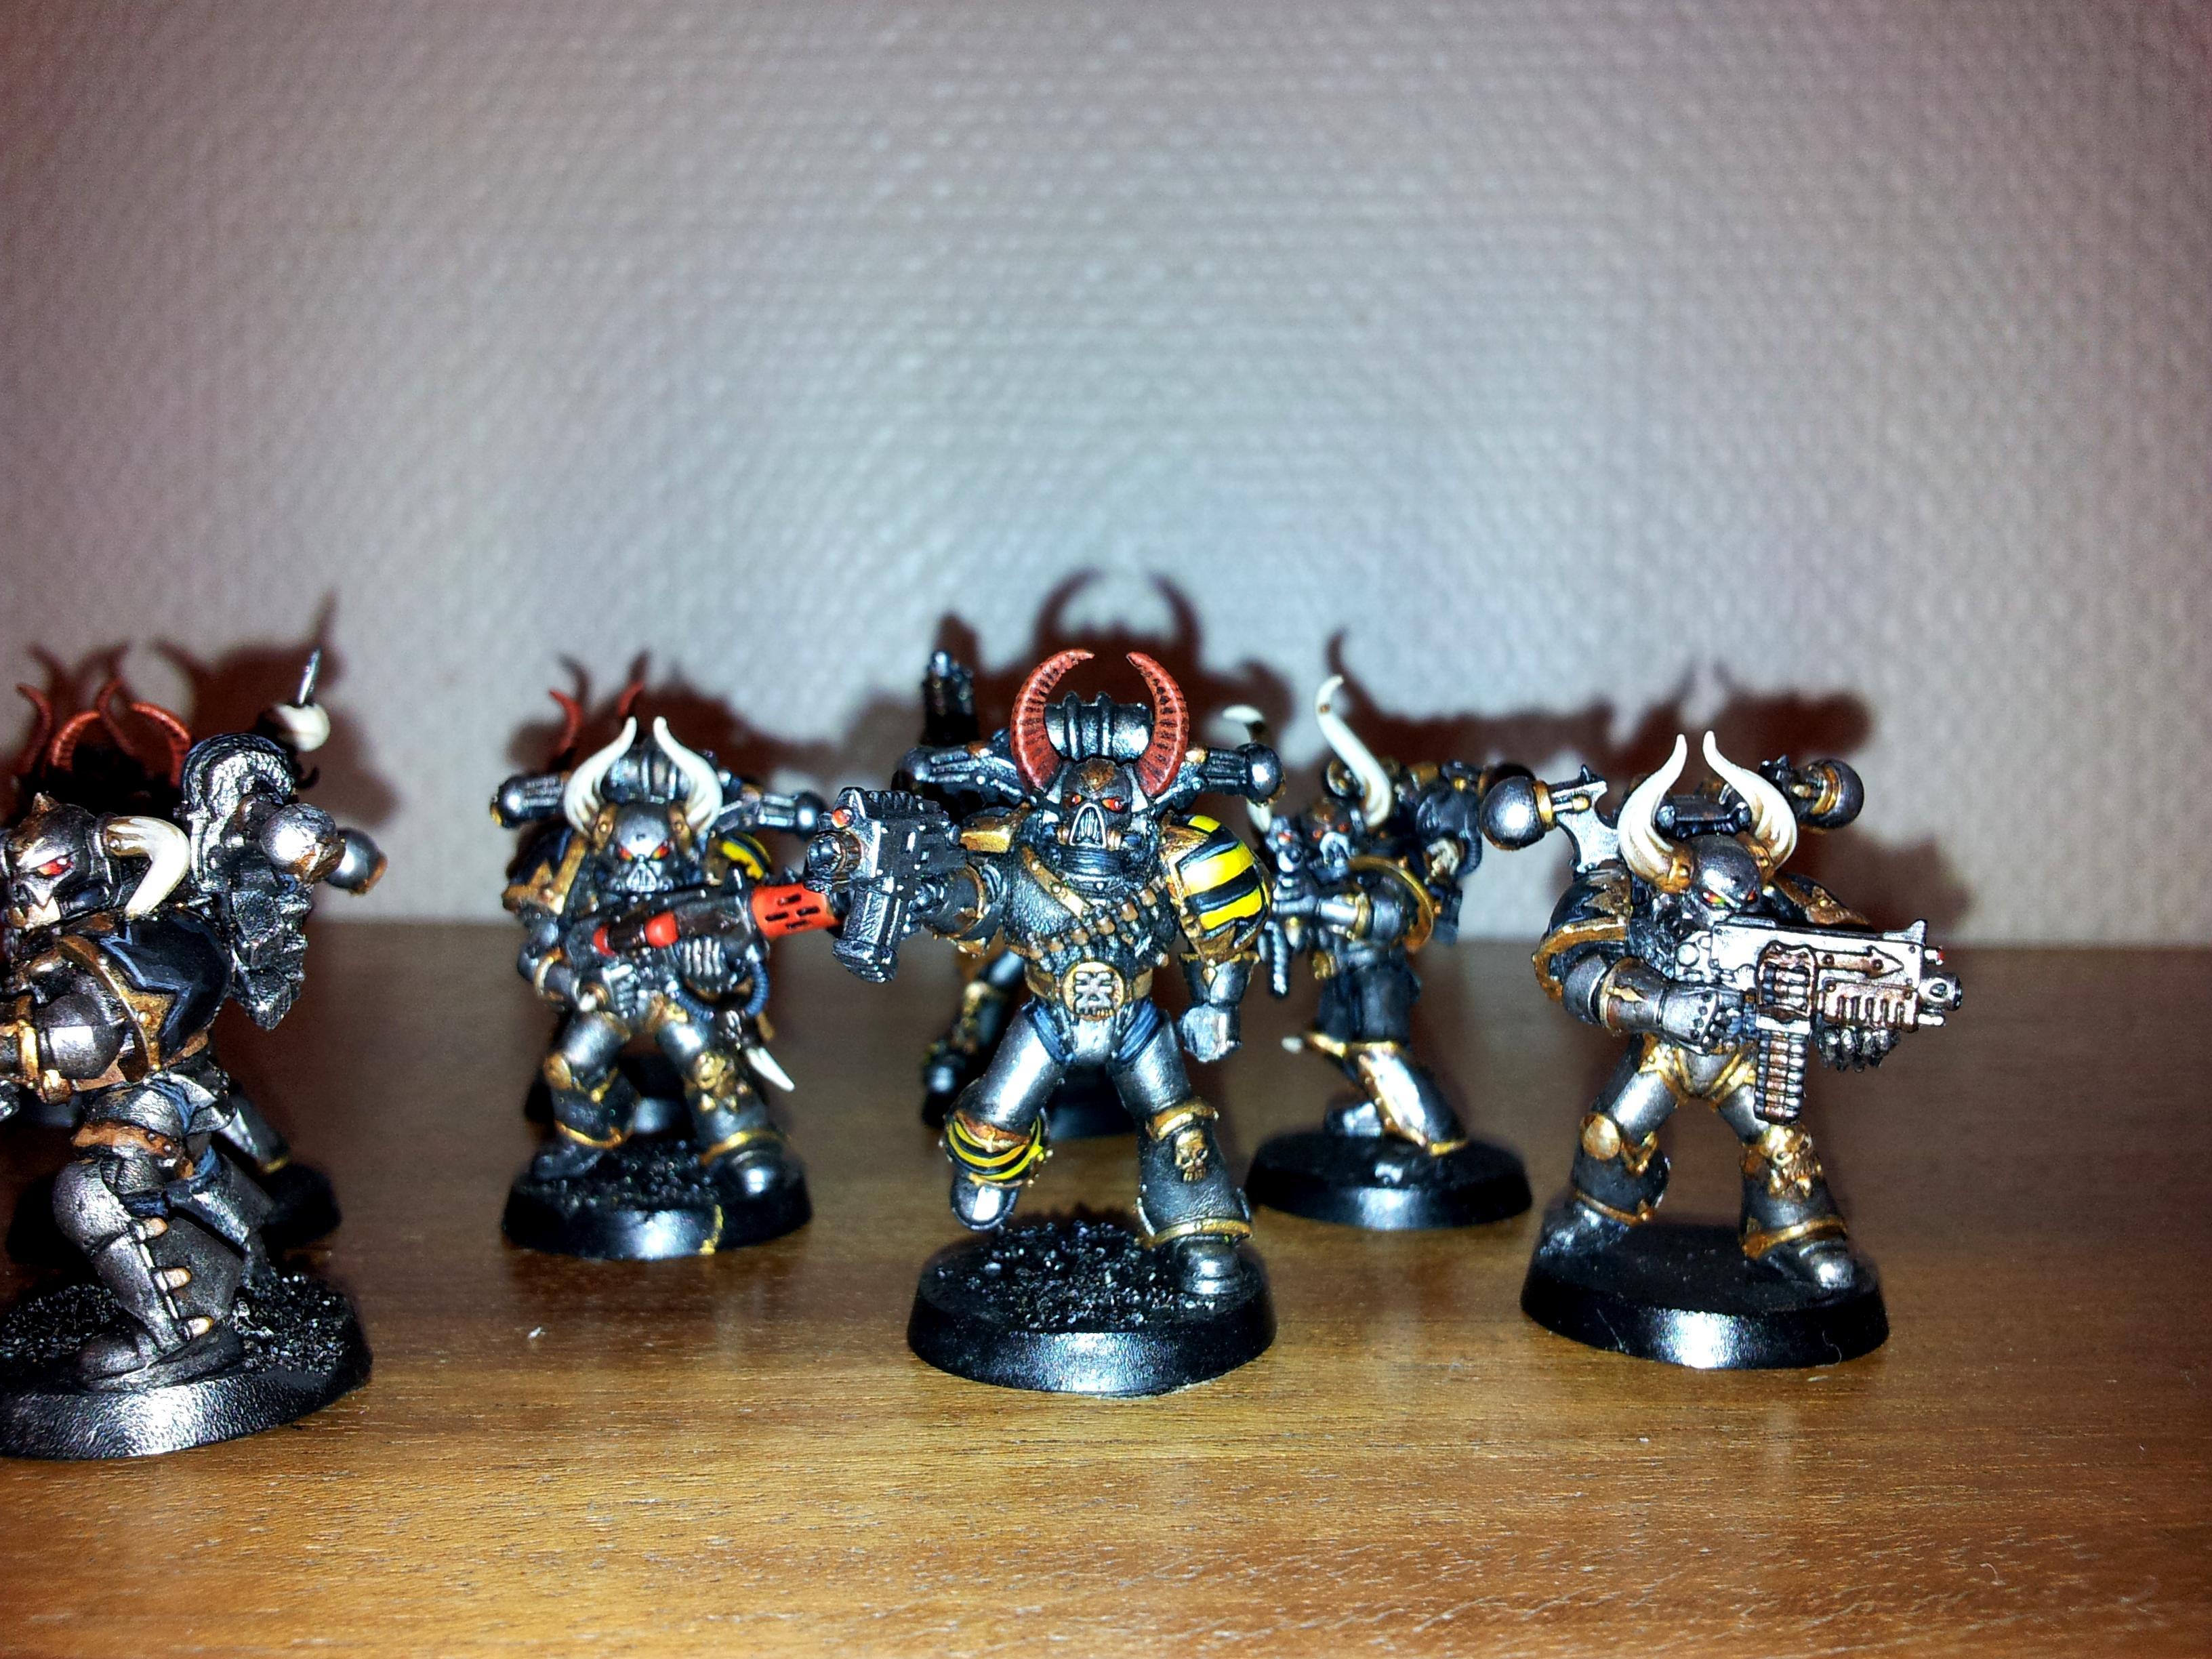 Iron Warriors, Iron Warriors close up